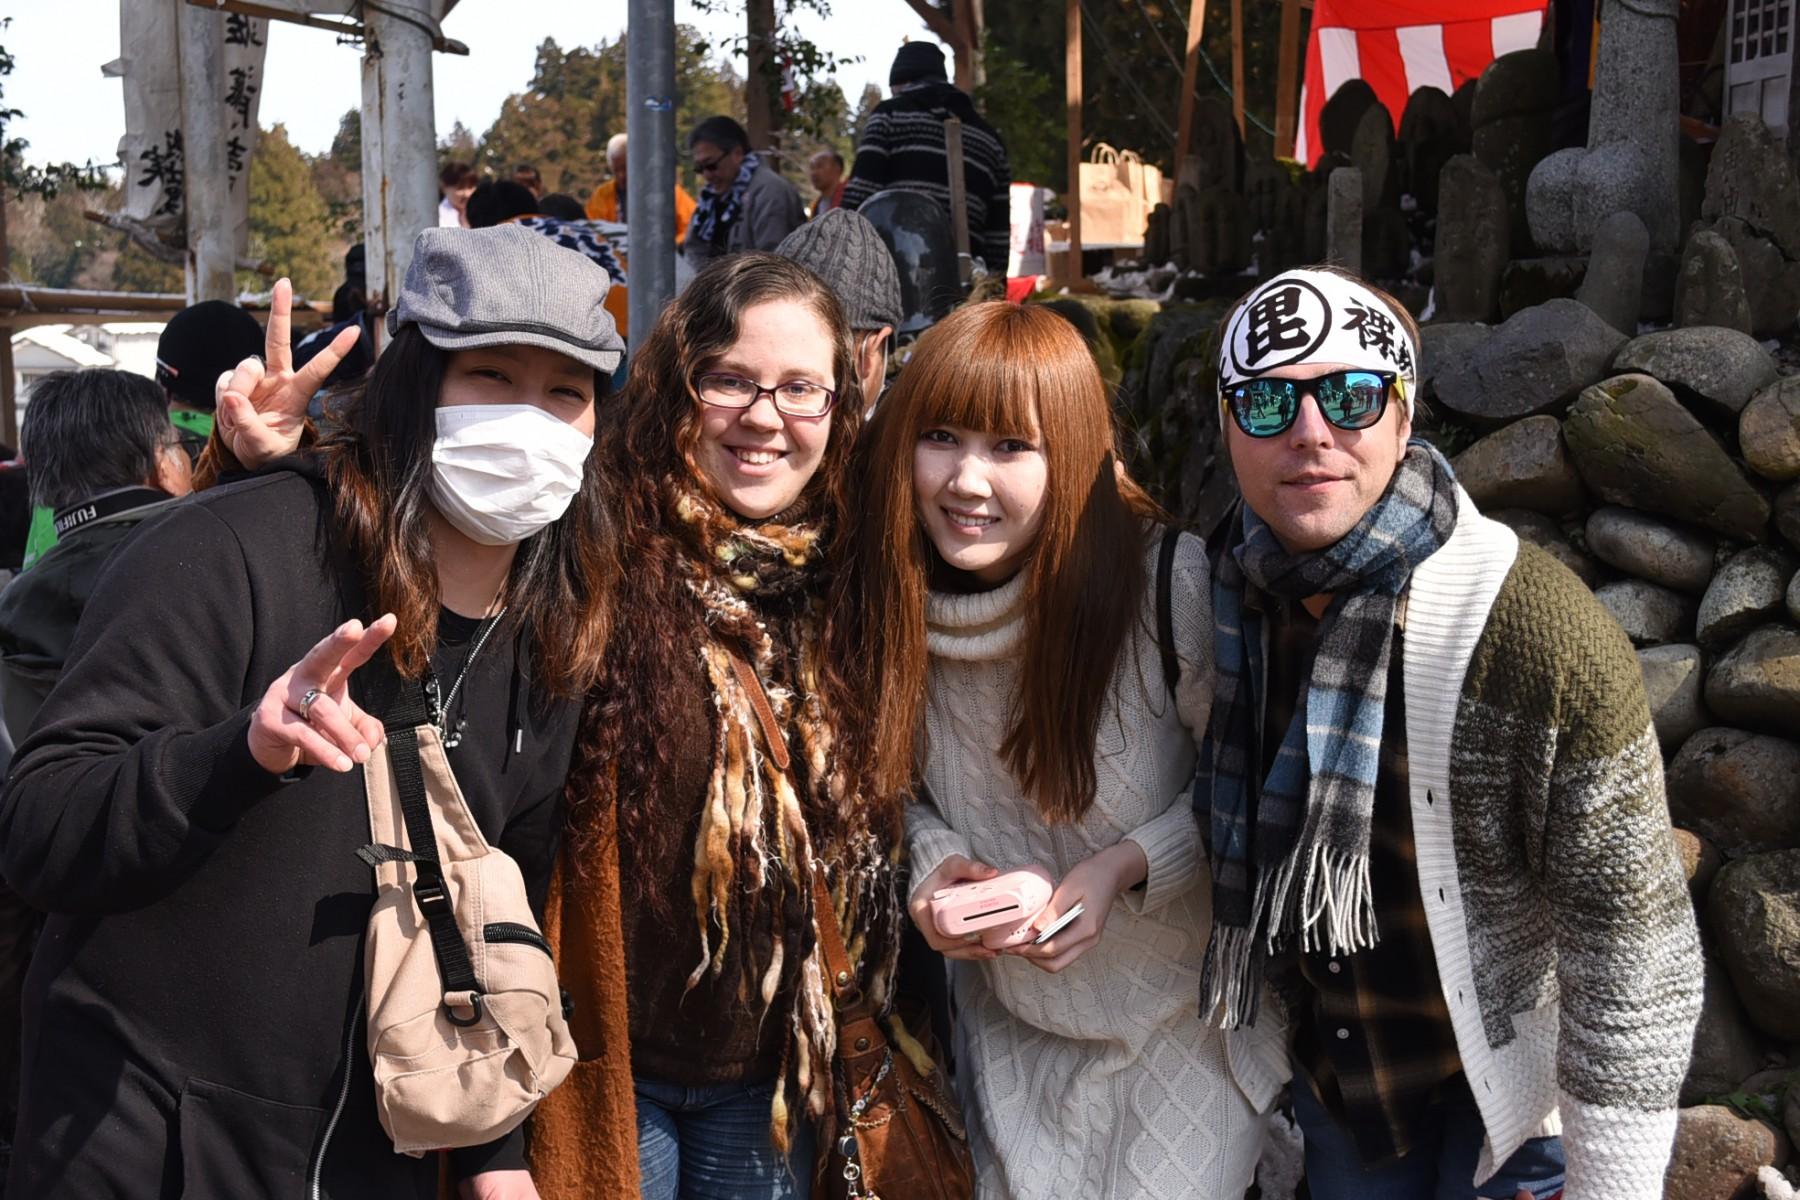 アメリカ出身女性と日本人の旦那さん。お友達と一緒に4人で参加。